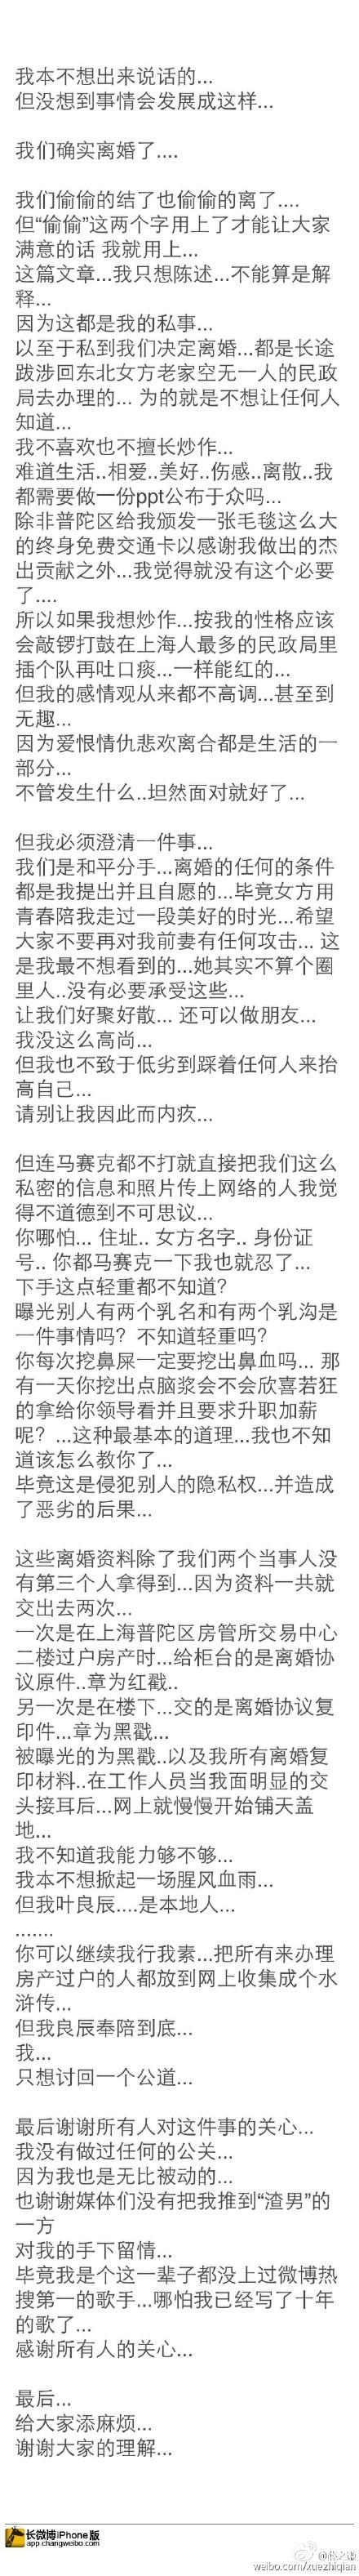 薛之谦长微博截图。